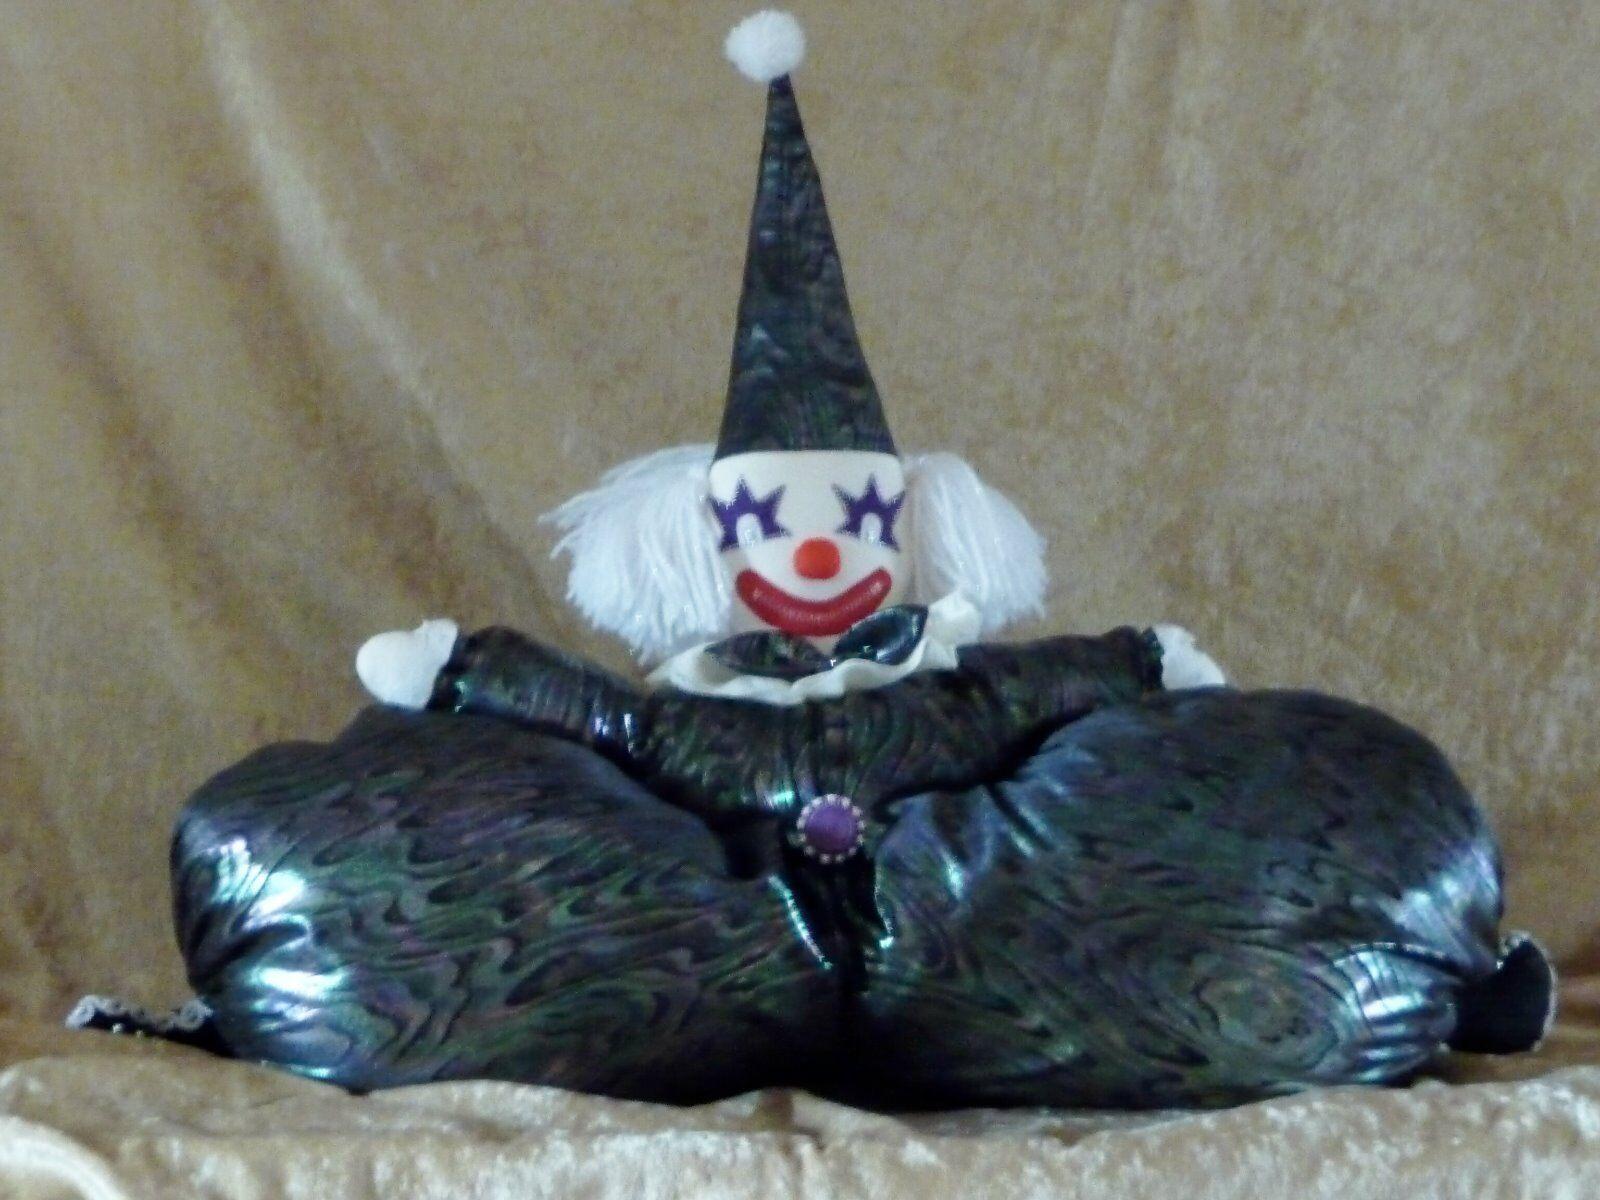 Clown Harlekin 100% Handarbeit Unikat selbst genähtin genähtin genähtin Farben MADE IN GERMANY ecdf1c